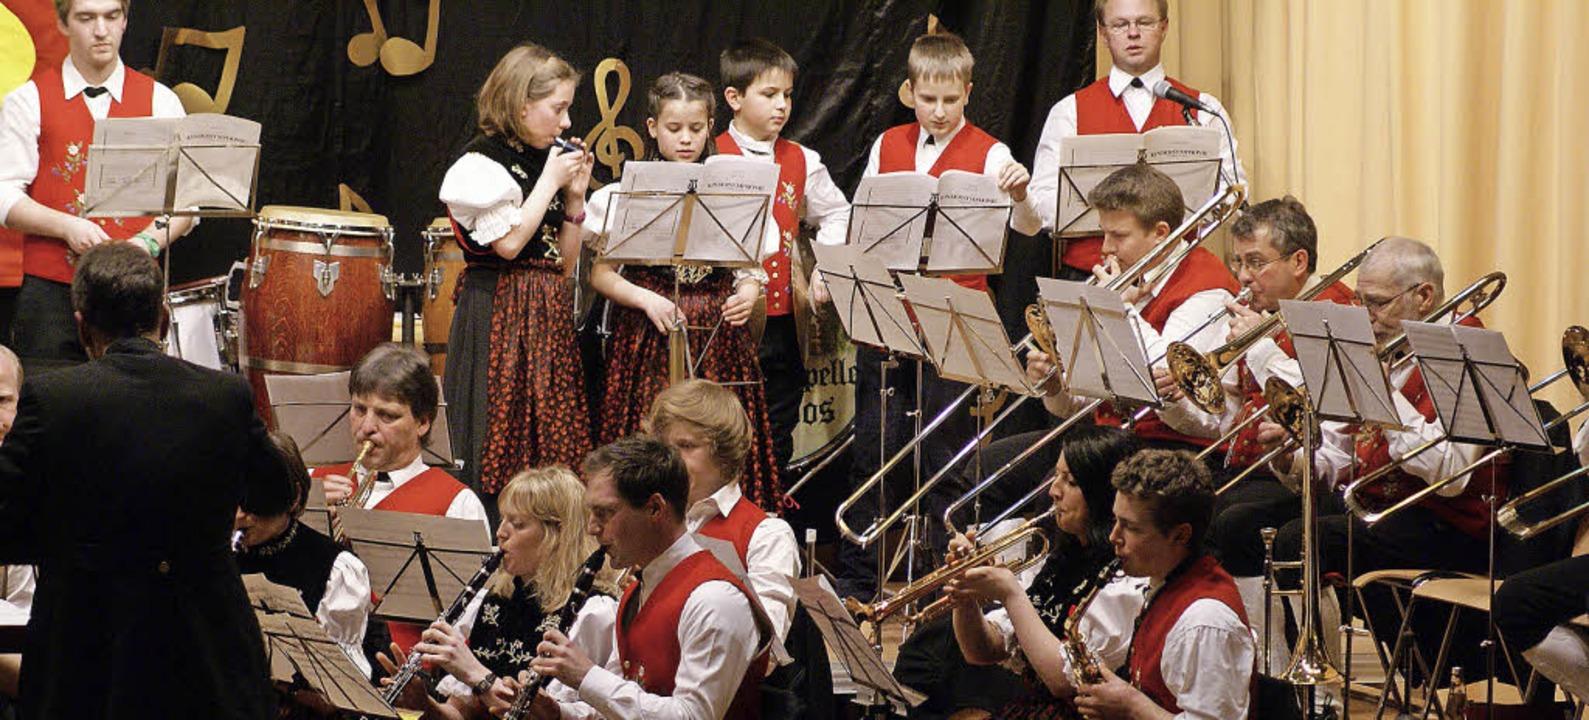 Die Trachtenkapelle Todtmoos begeister...ubiläumskonzert in der Wehratalhalle.   | Foto: Werner Probst